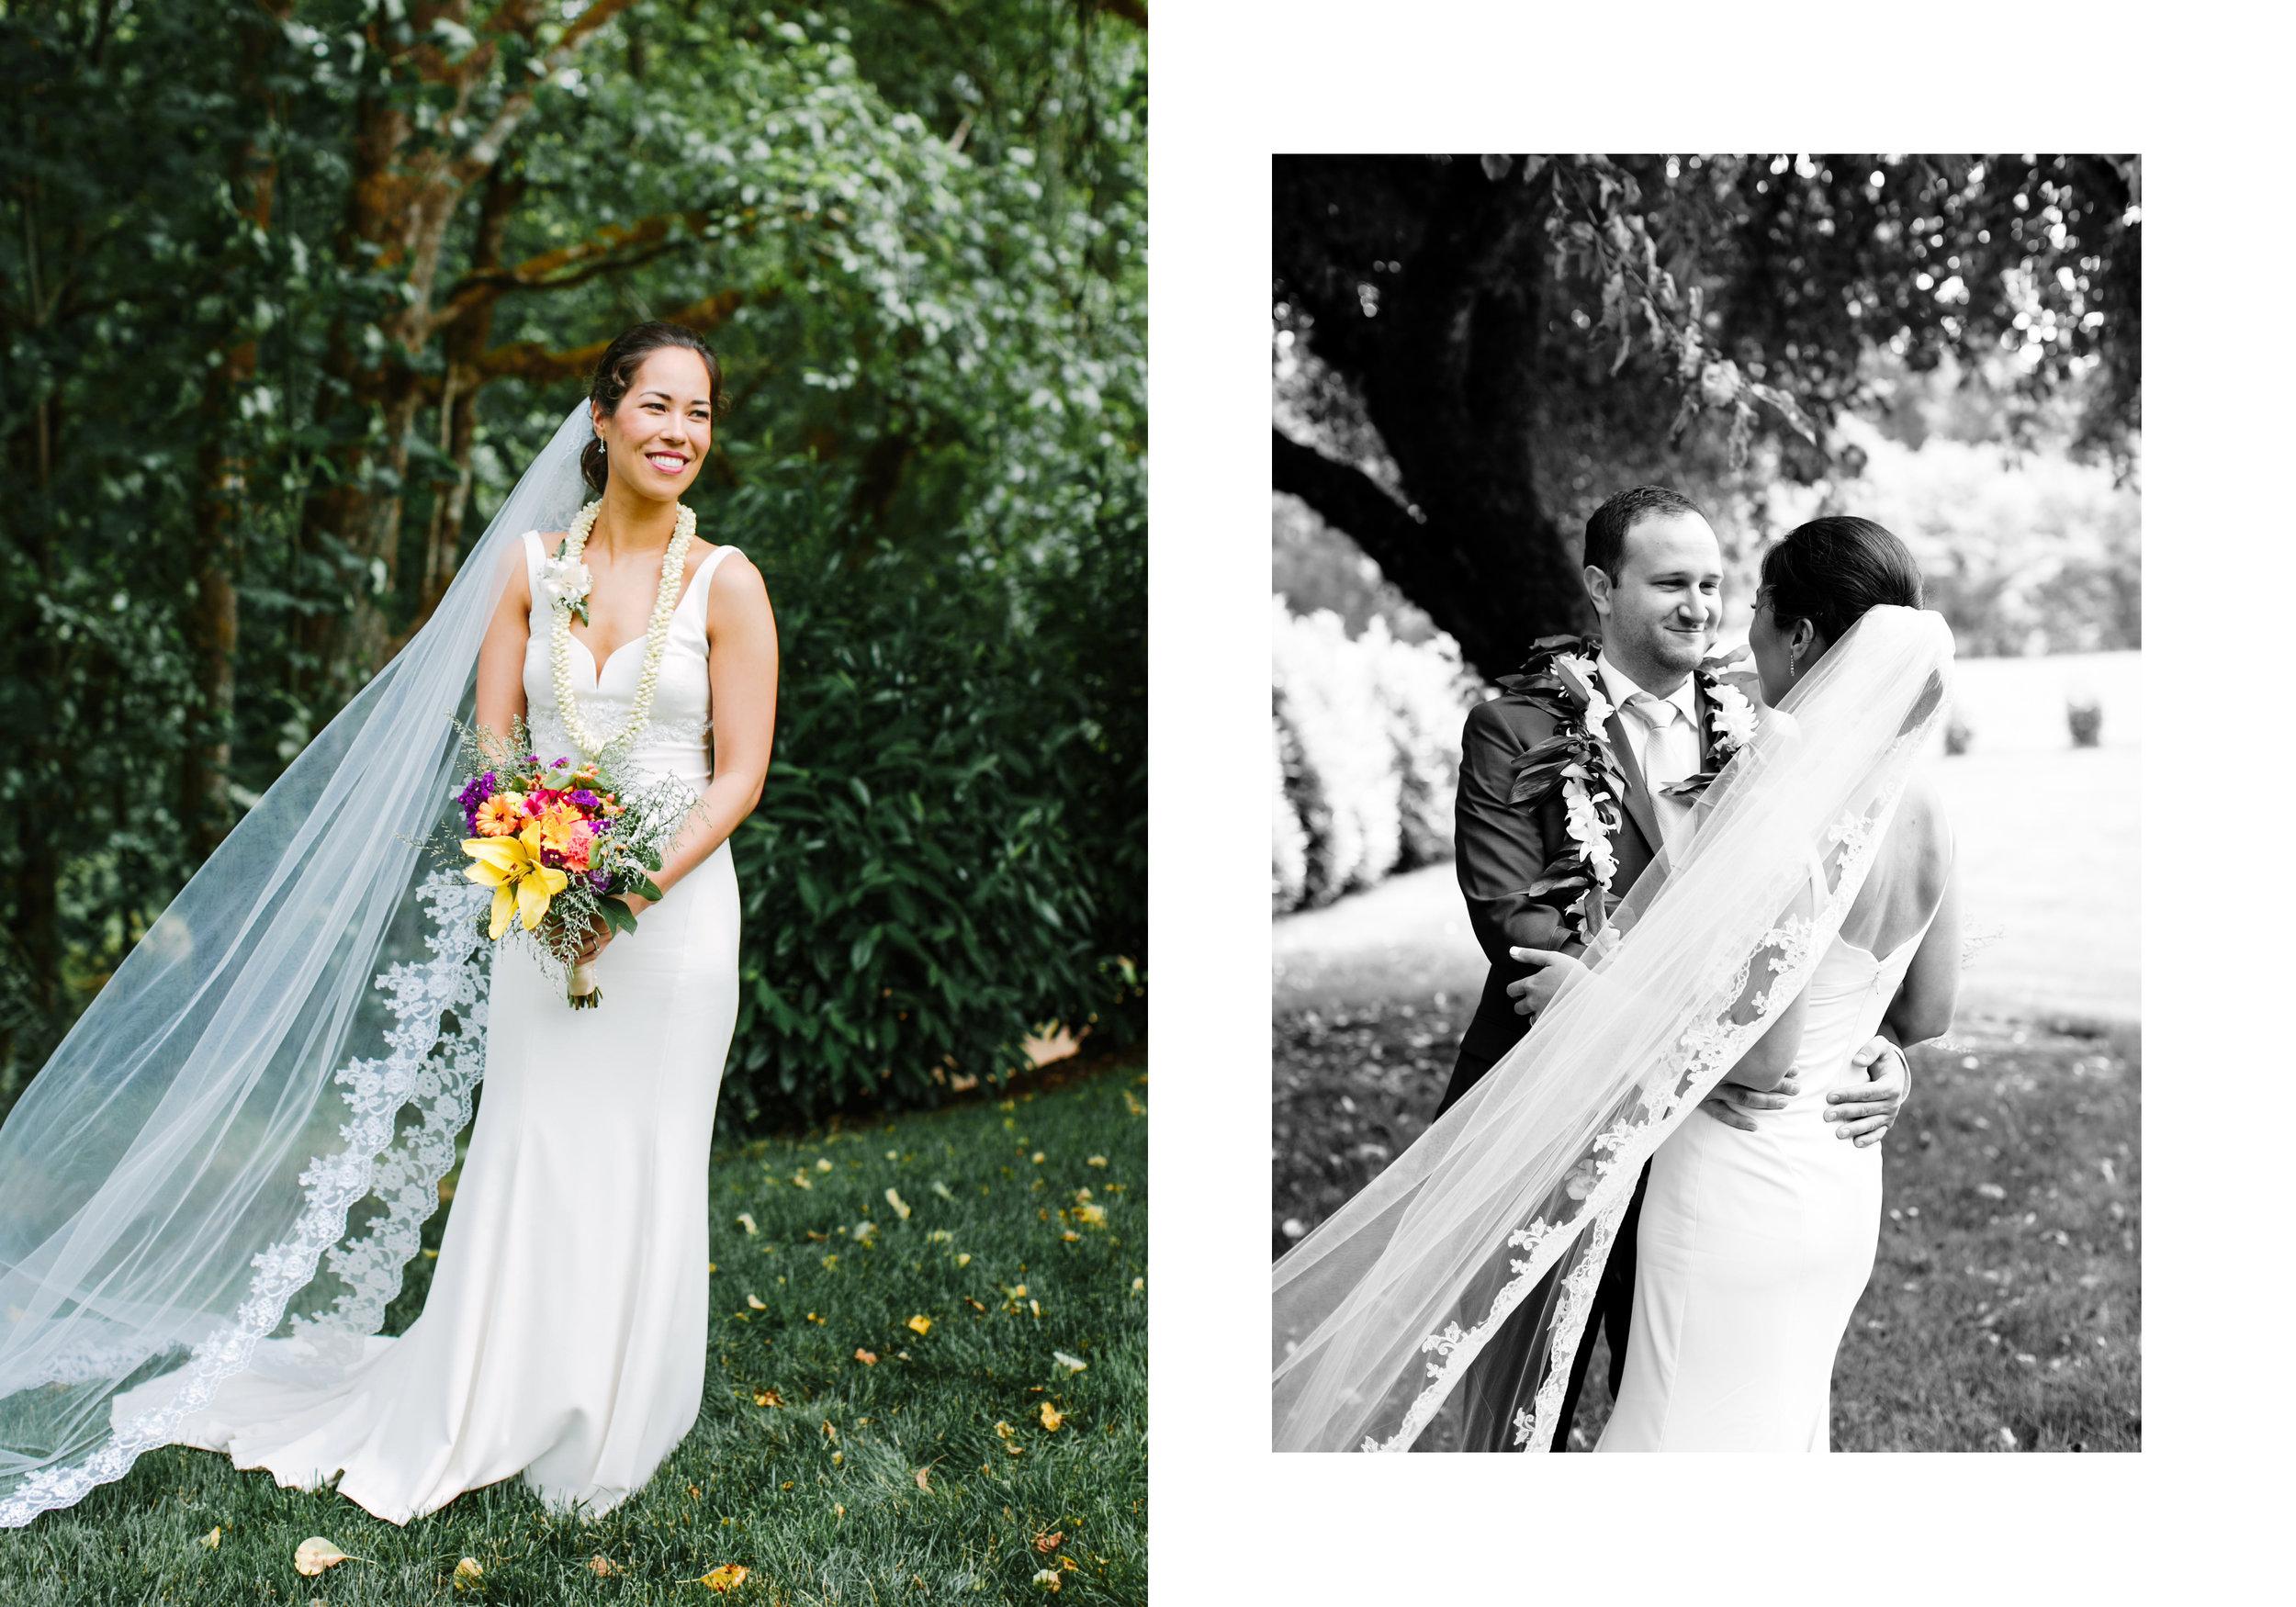 horningshideout-wedding-portland-oregon-ashley-courter-photographer0029.JPG